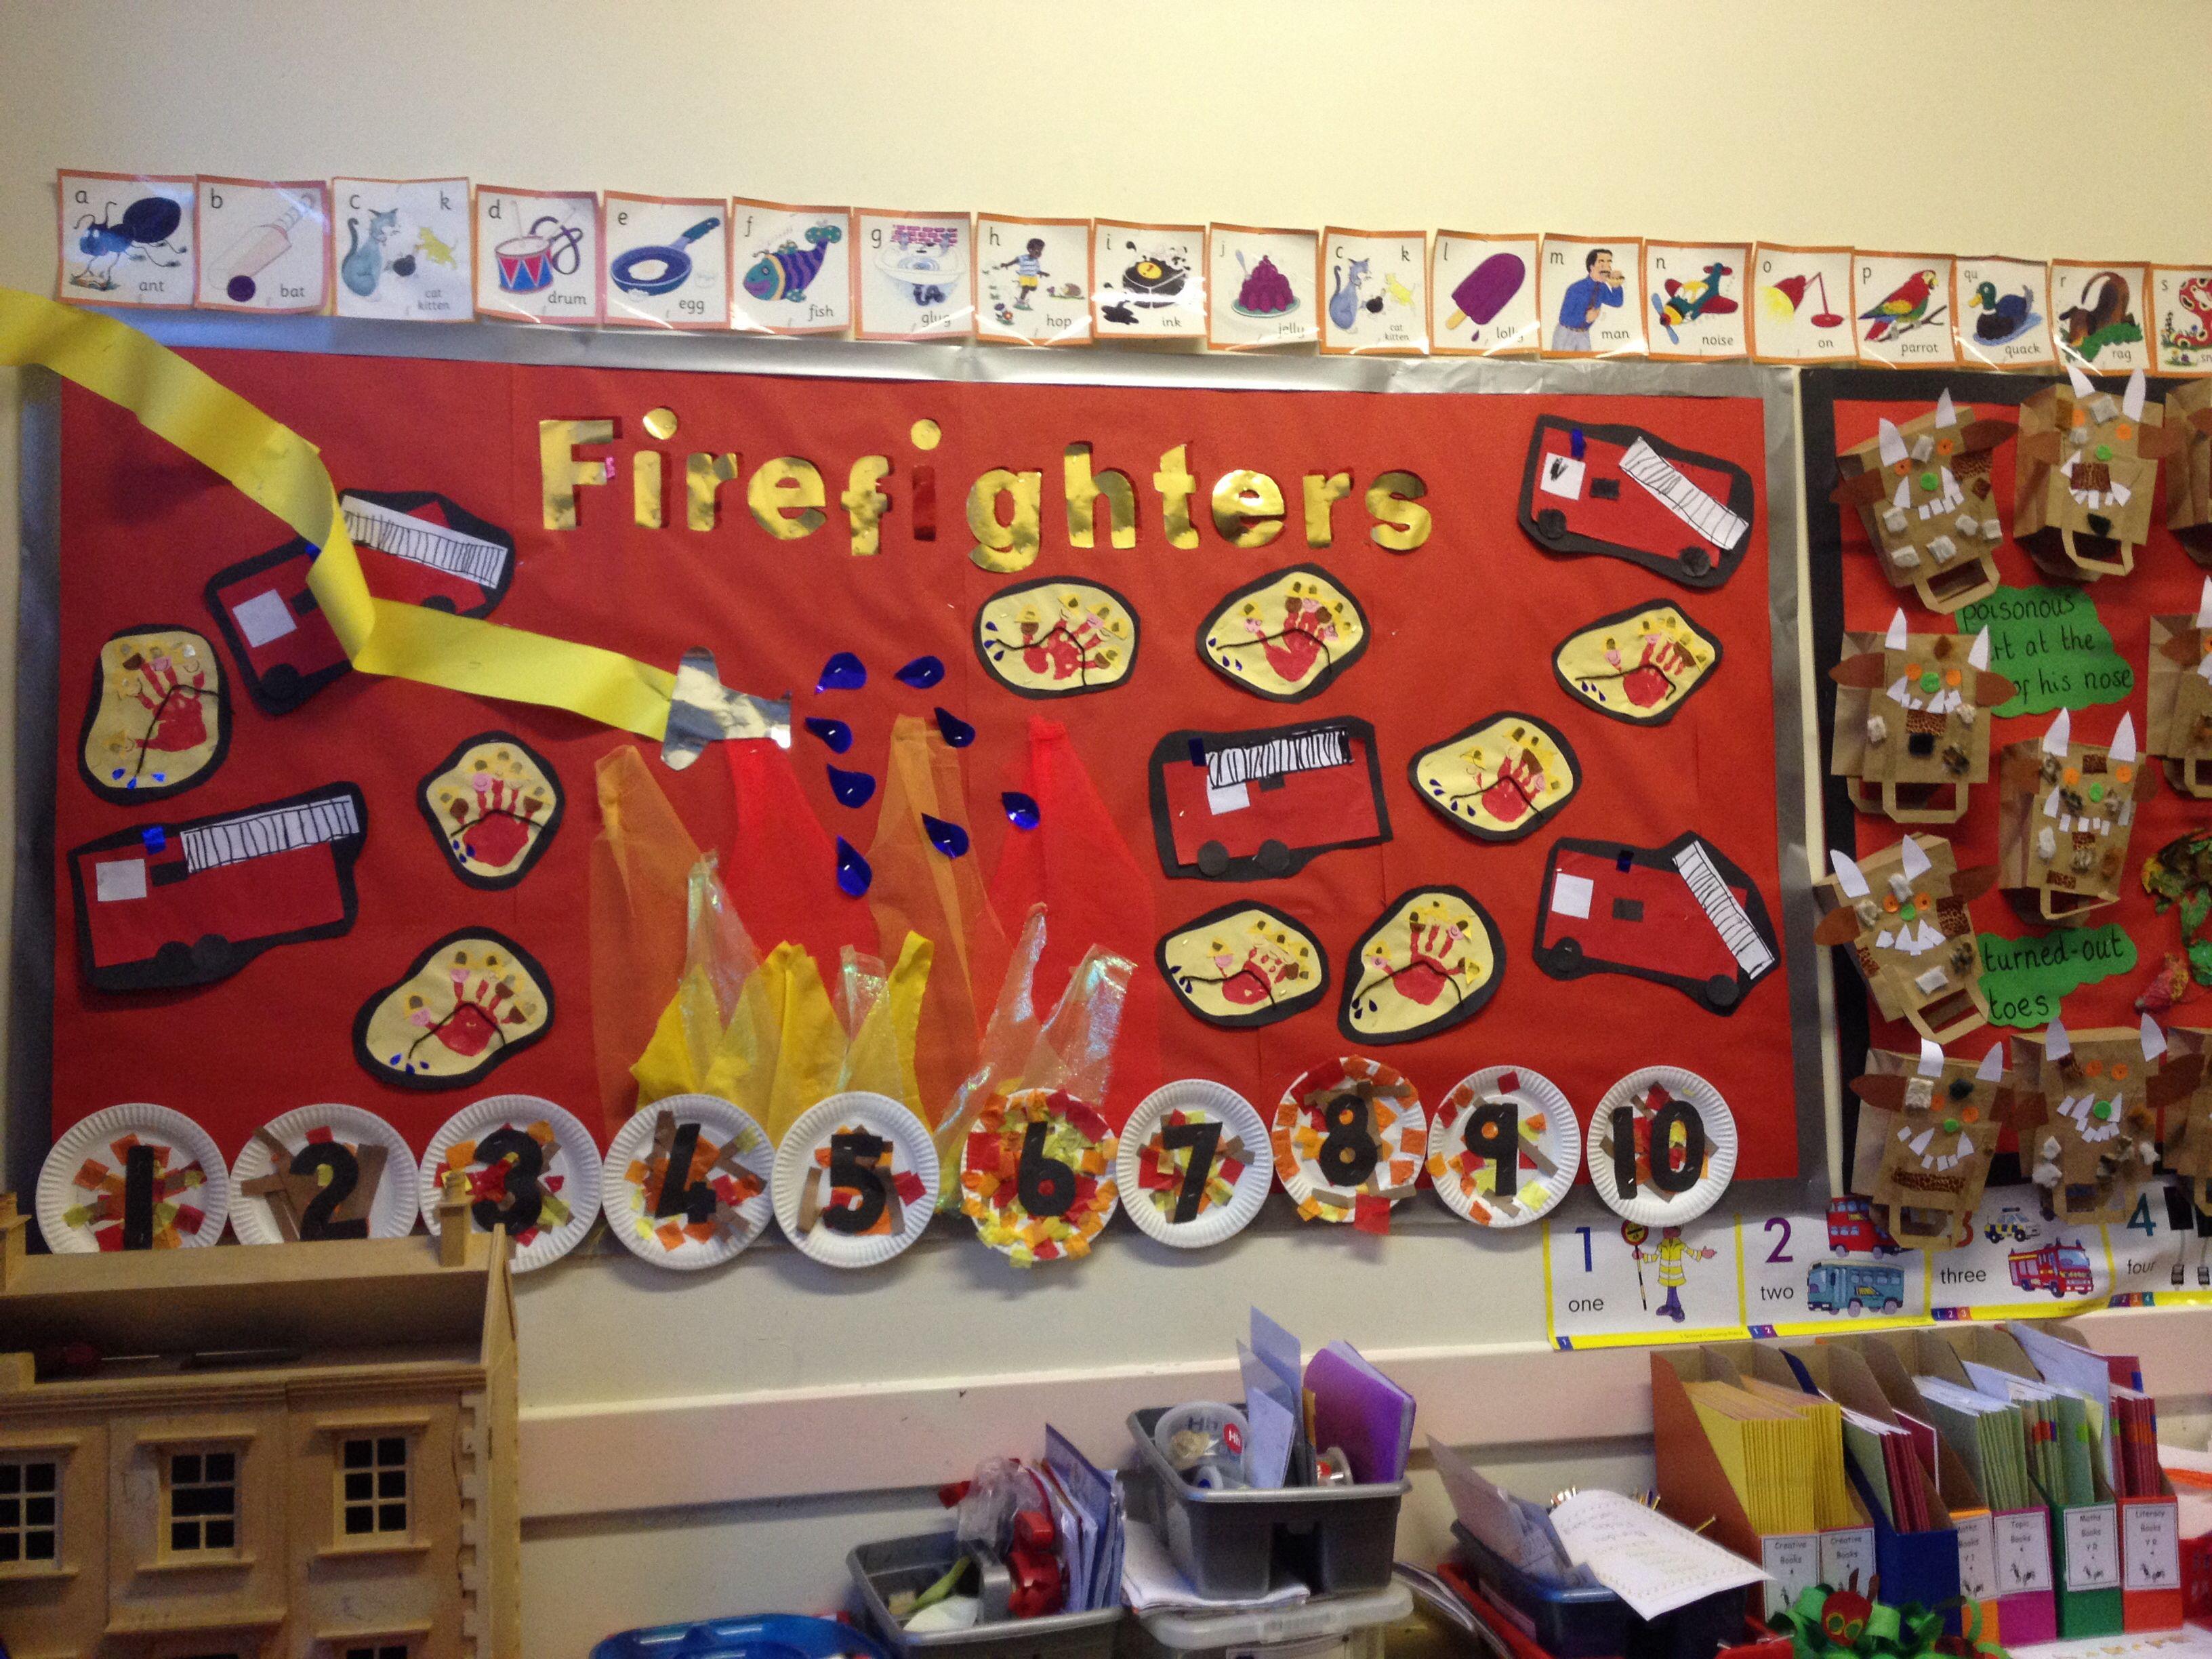 Firefighter Display Using 5 Little Firefighter Poem Art